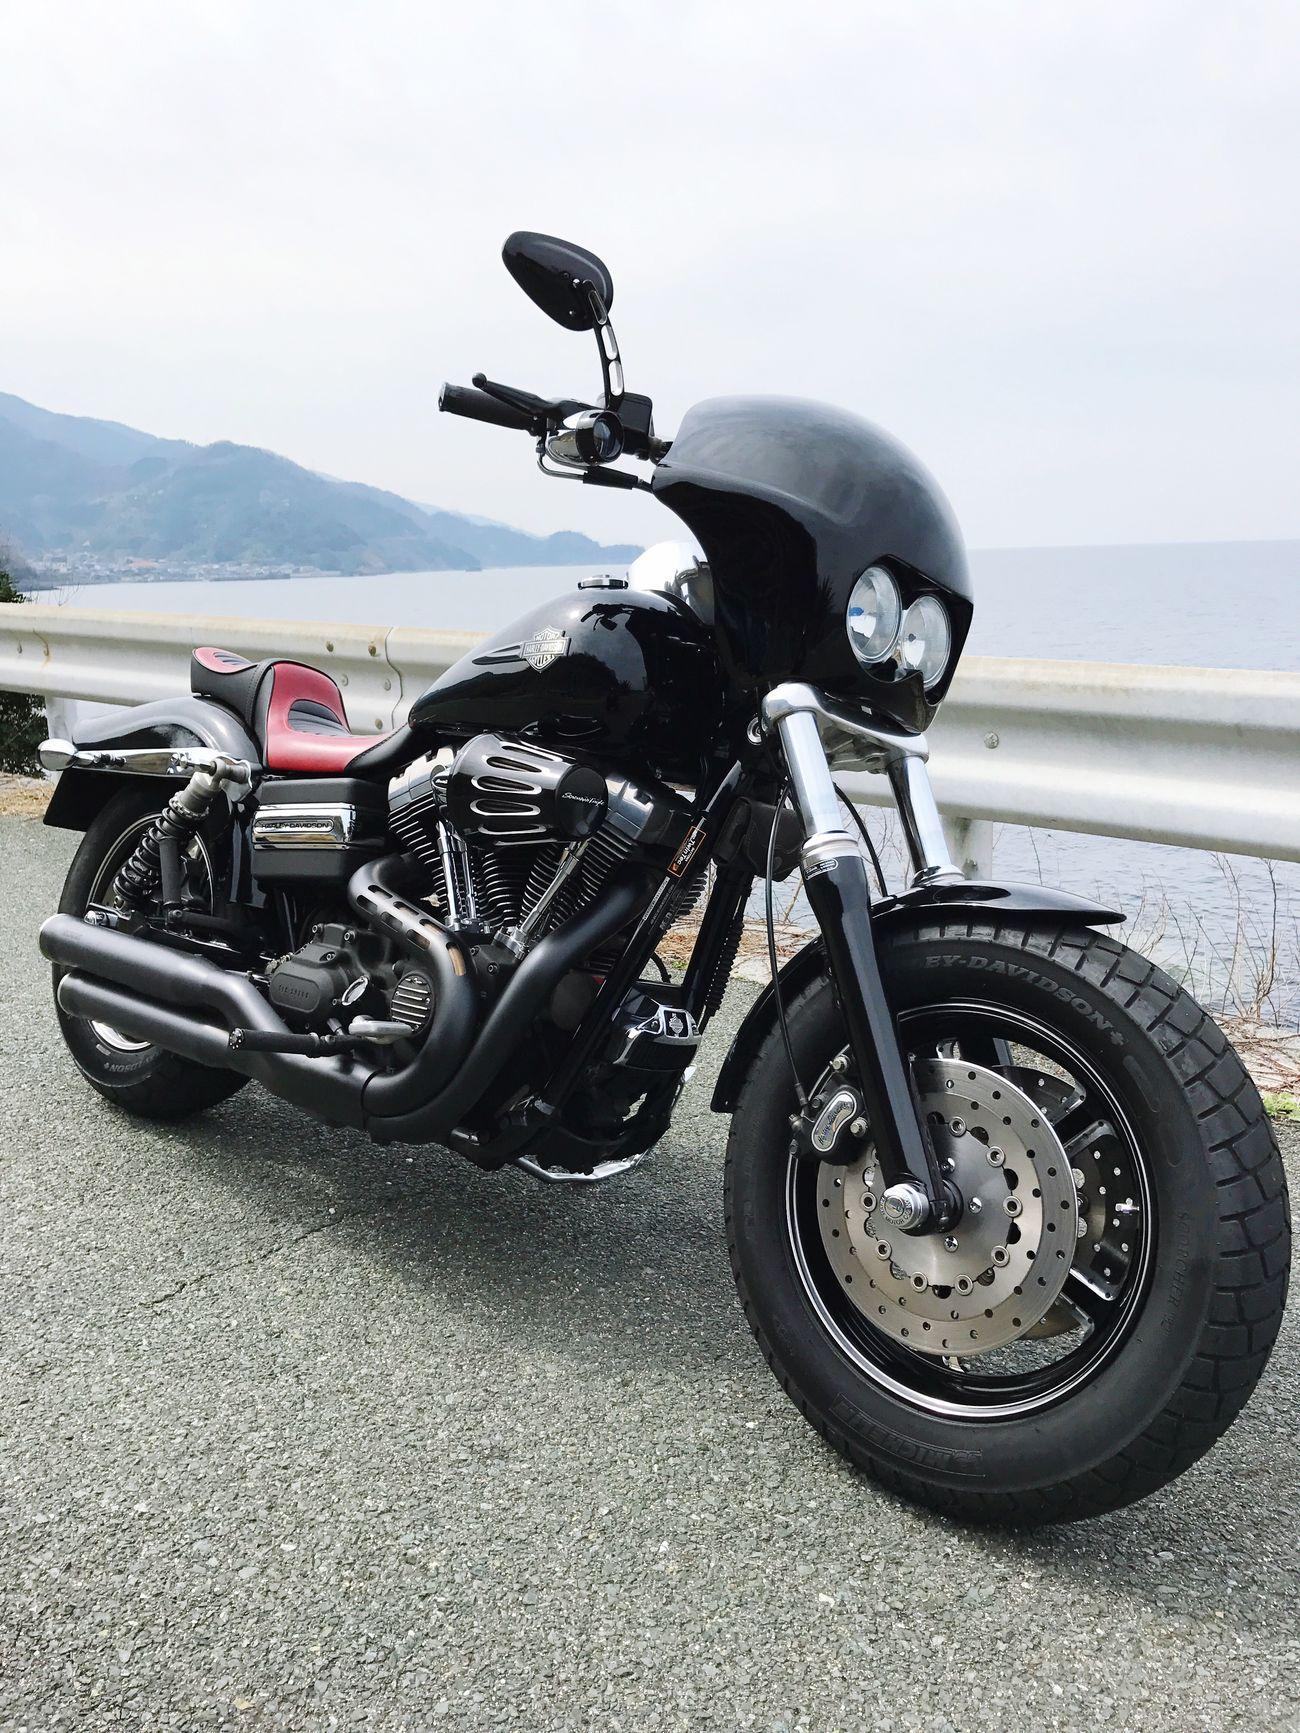 晴れの日のツーリング最高😊 Motorcycle Day Outdoors First Eyeem Photo